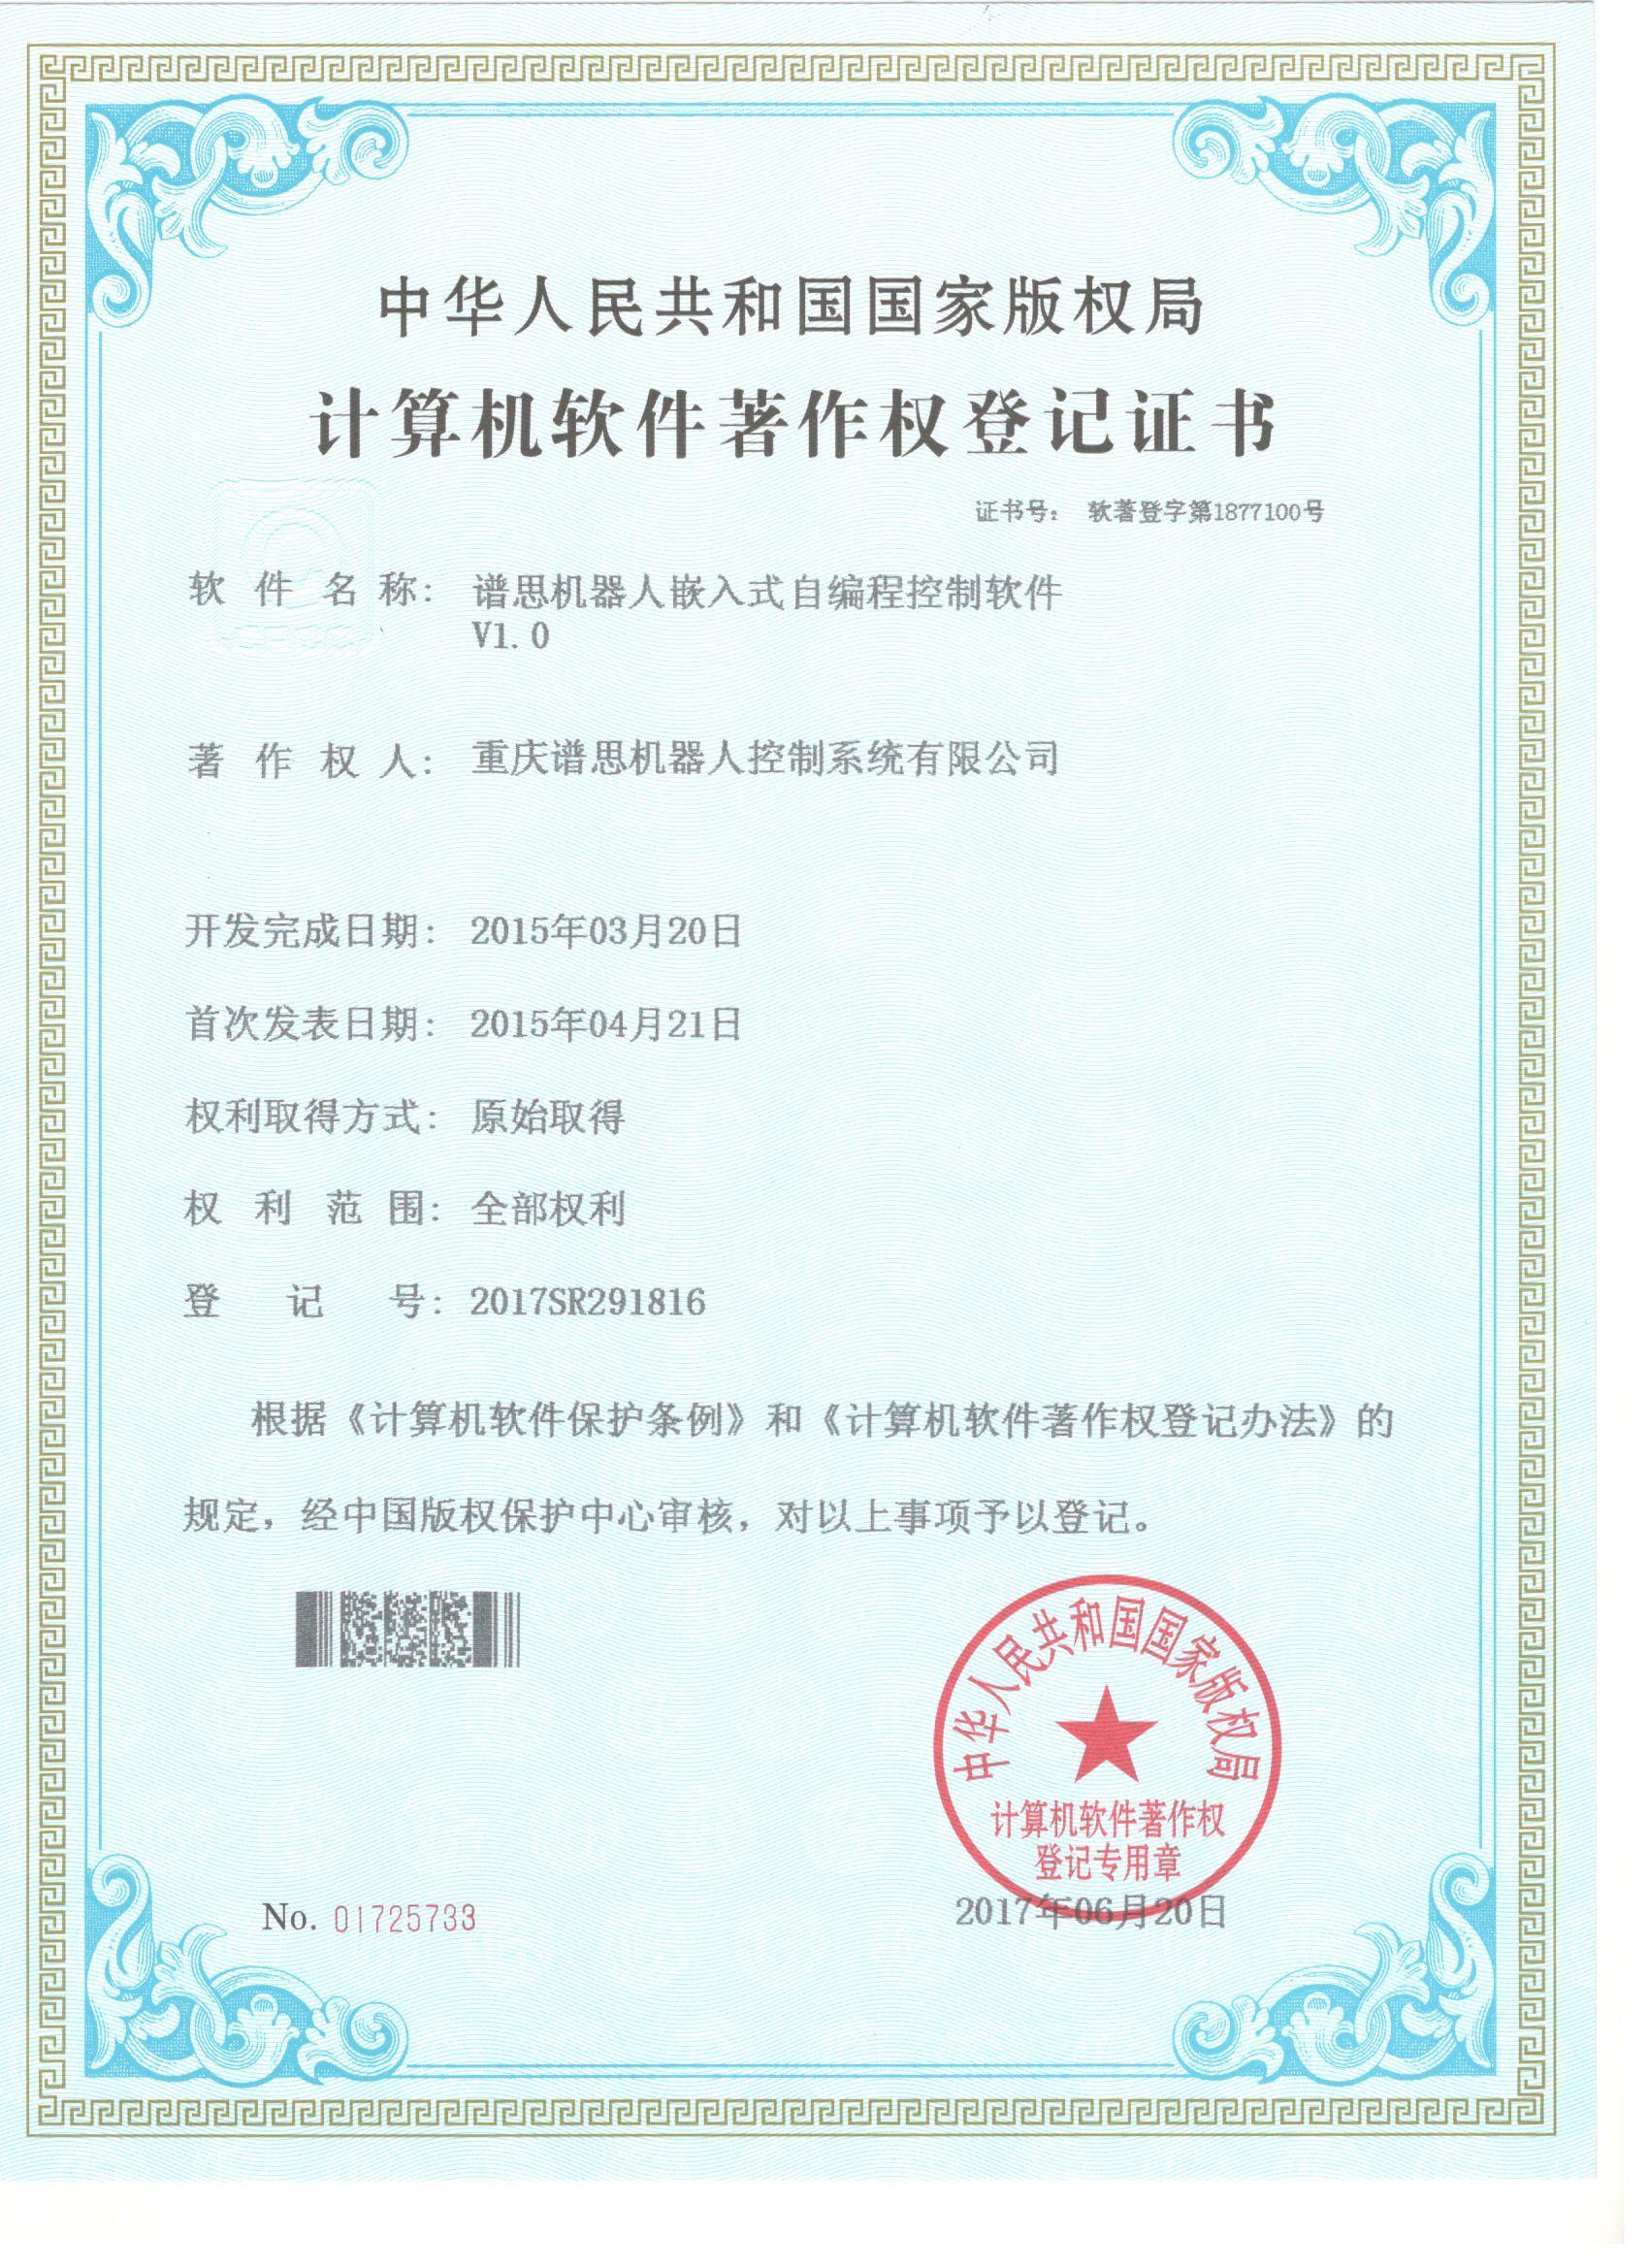 嵌入式软件著作权登记证书